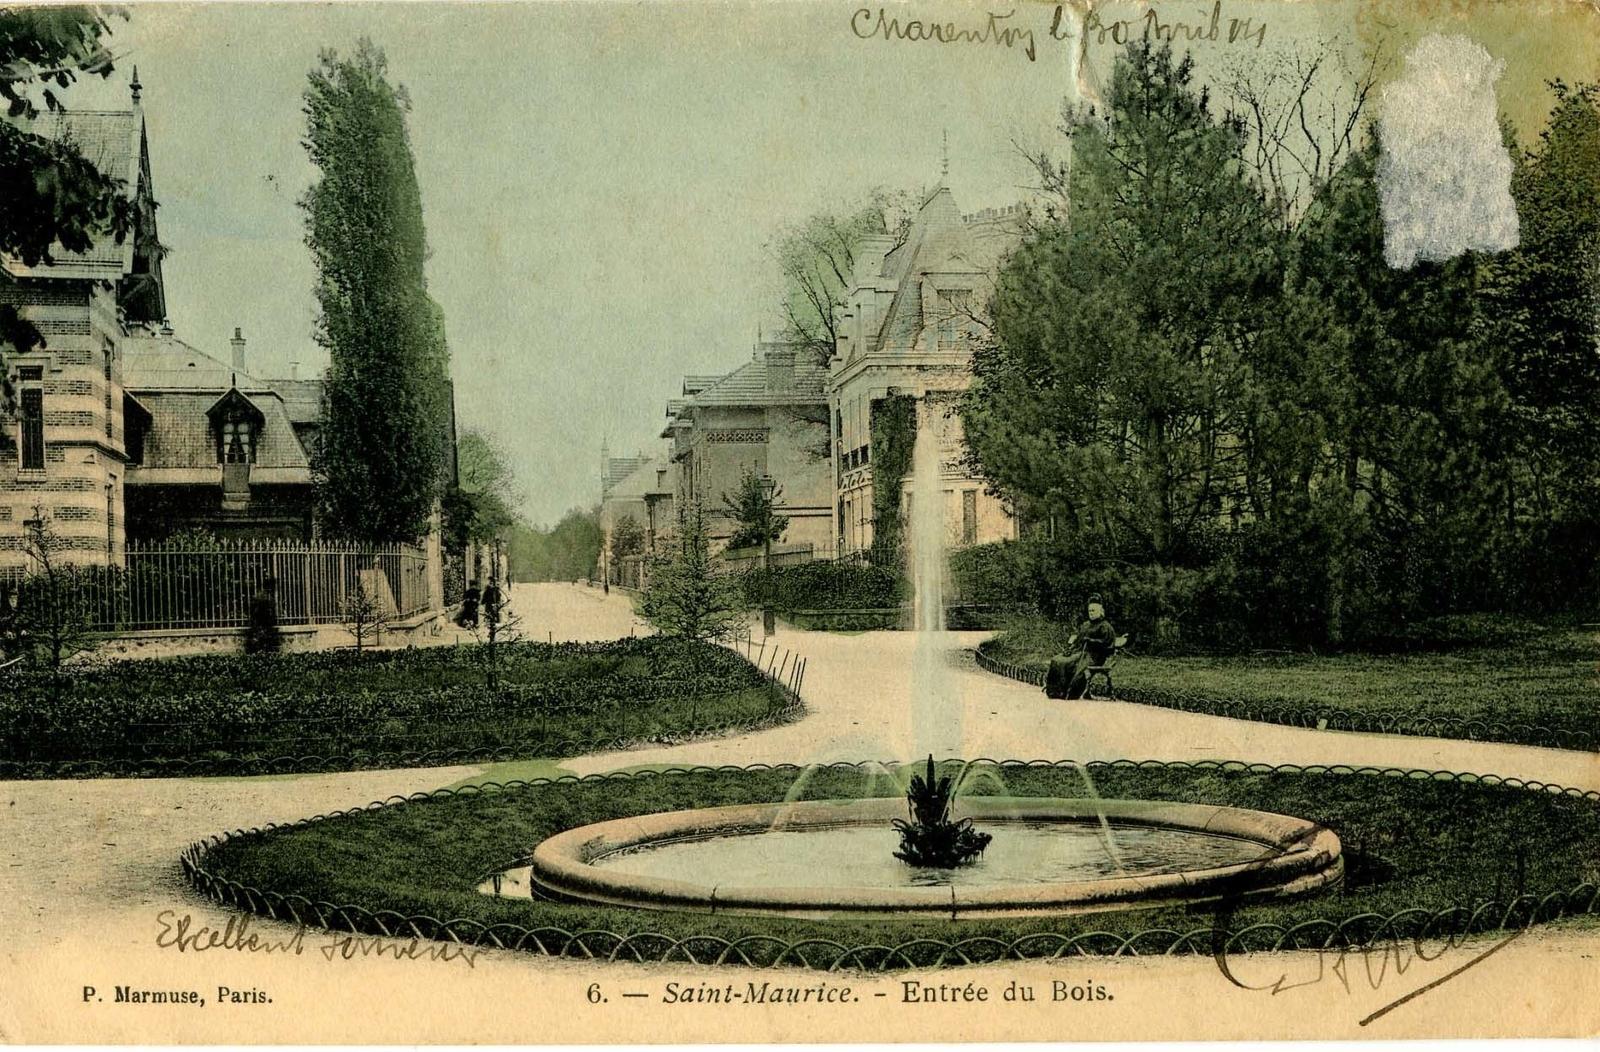 Saint-Maurice - correspondance de mes grands parents - carte postale envoyée en 1904